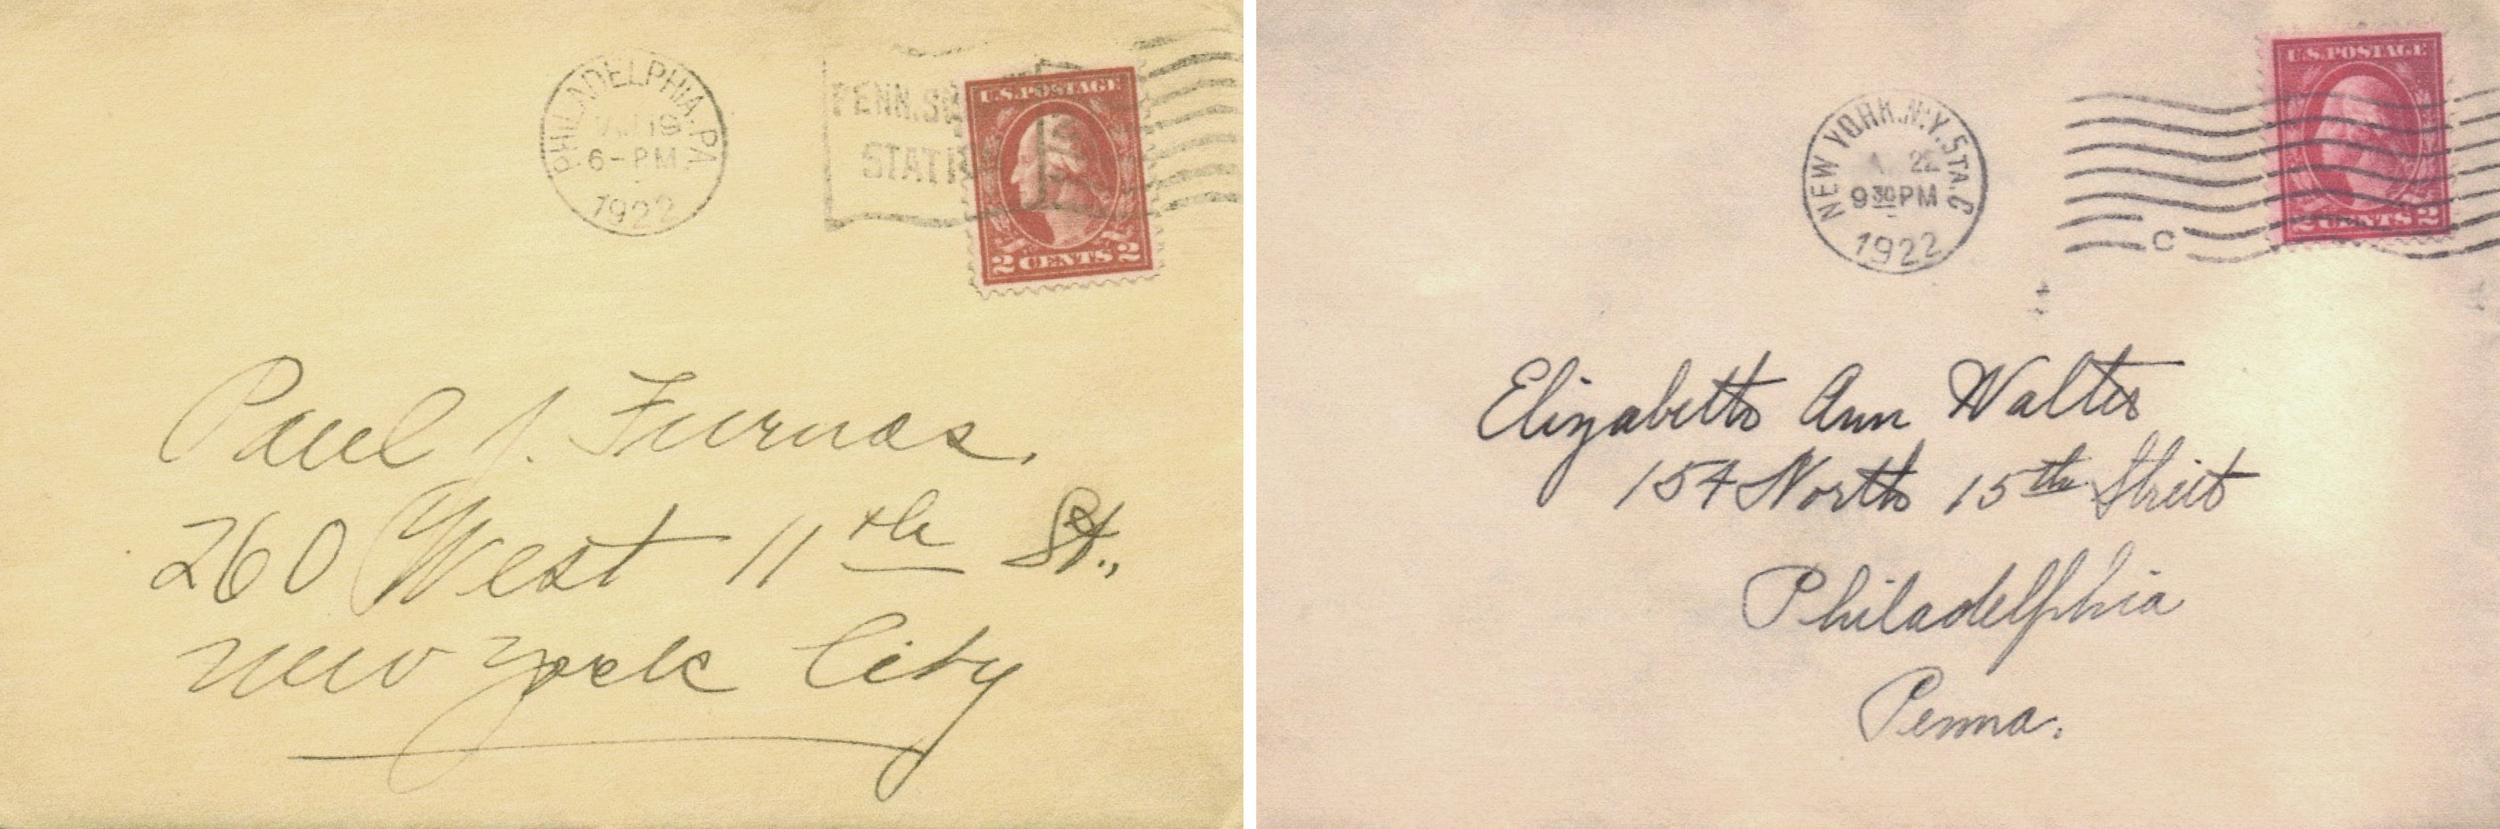 a_quaker_courtship_letters